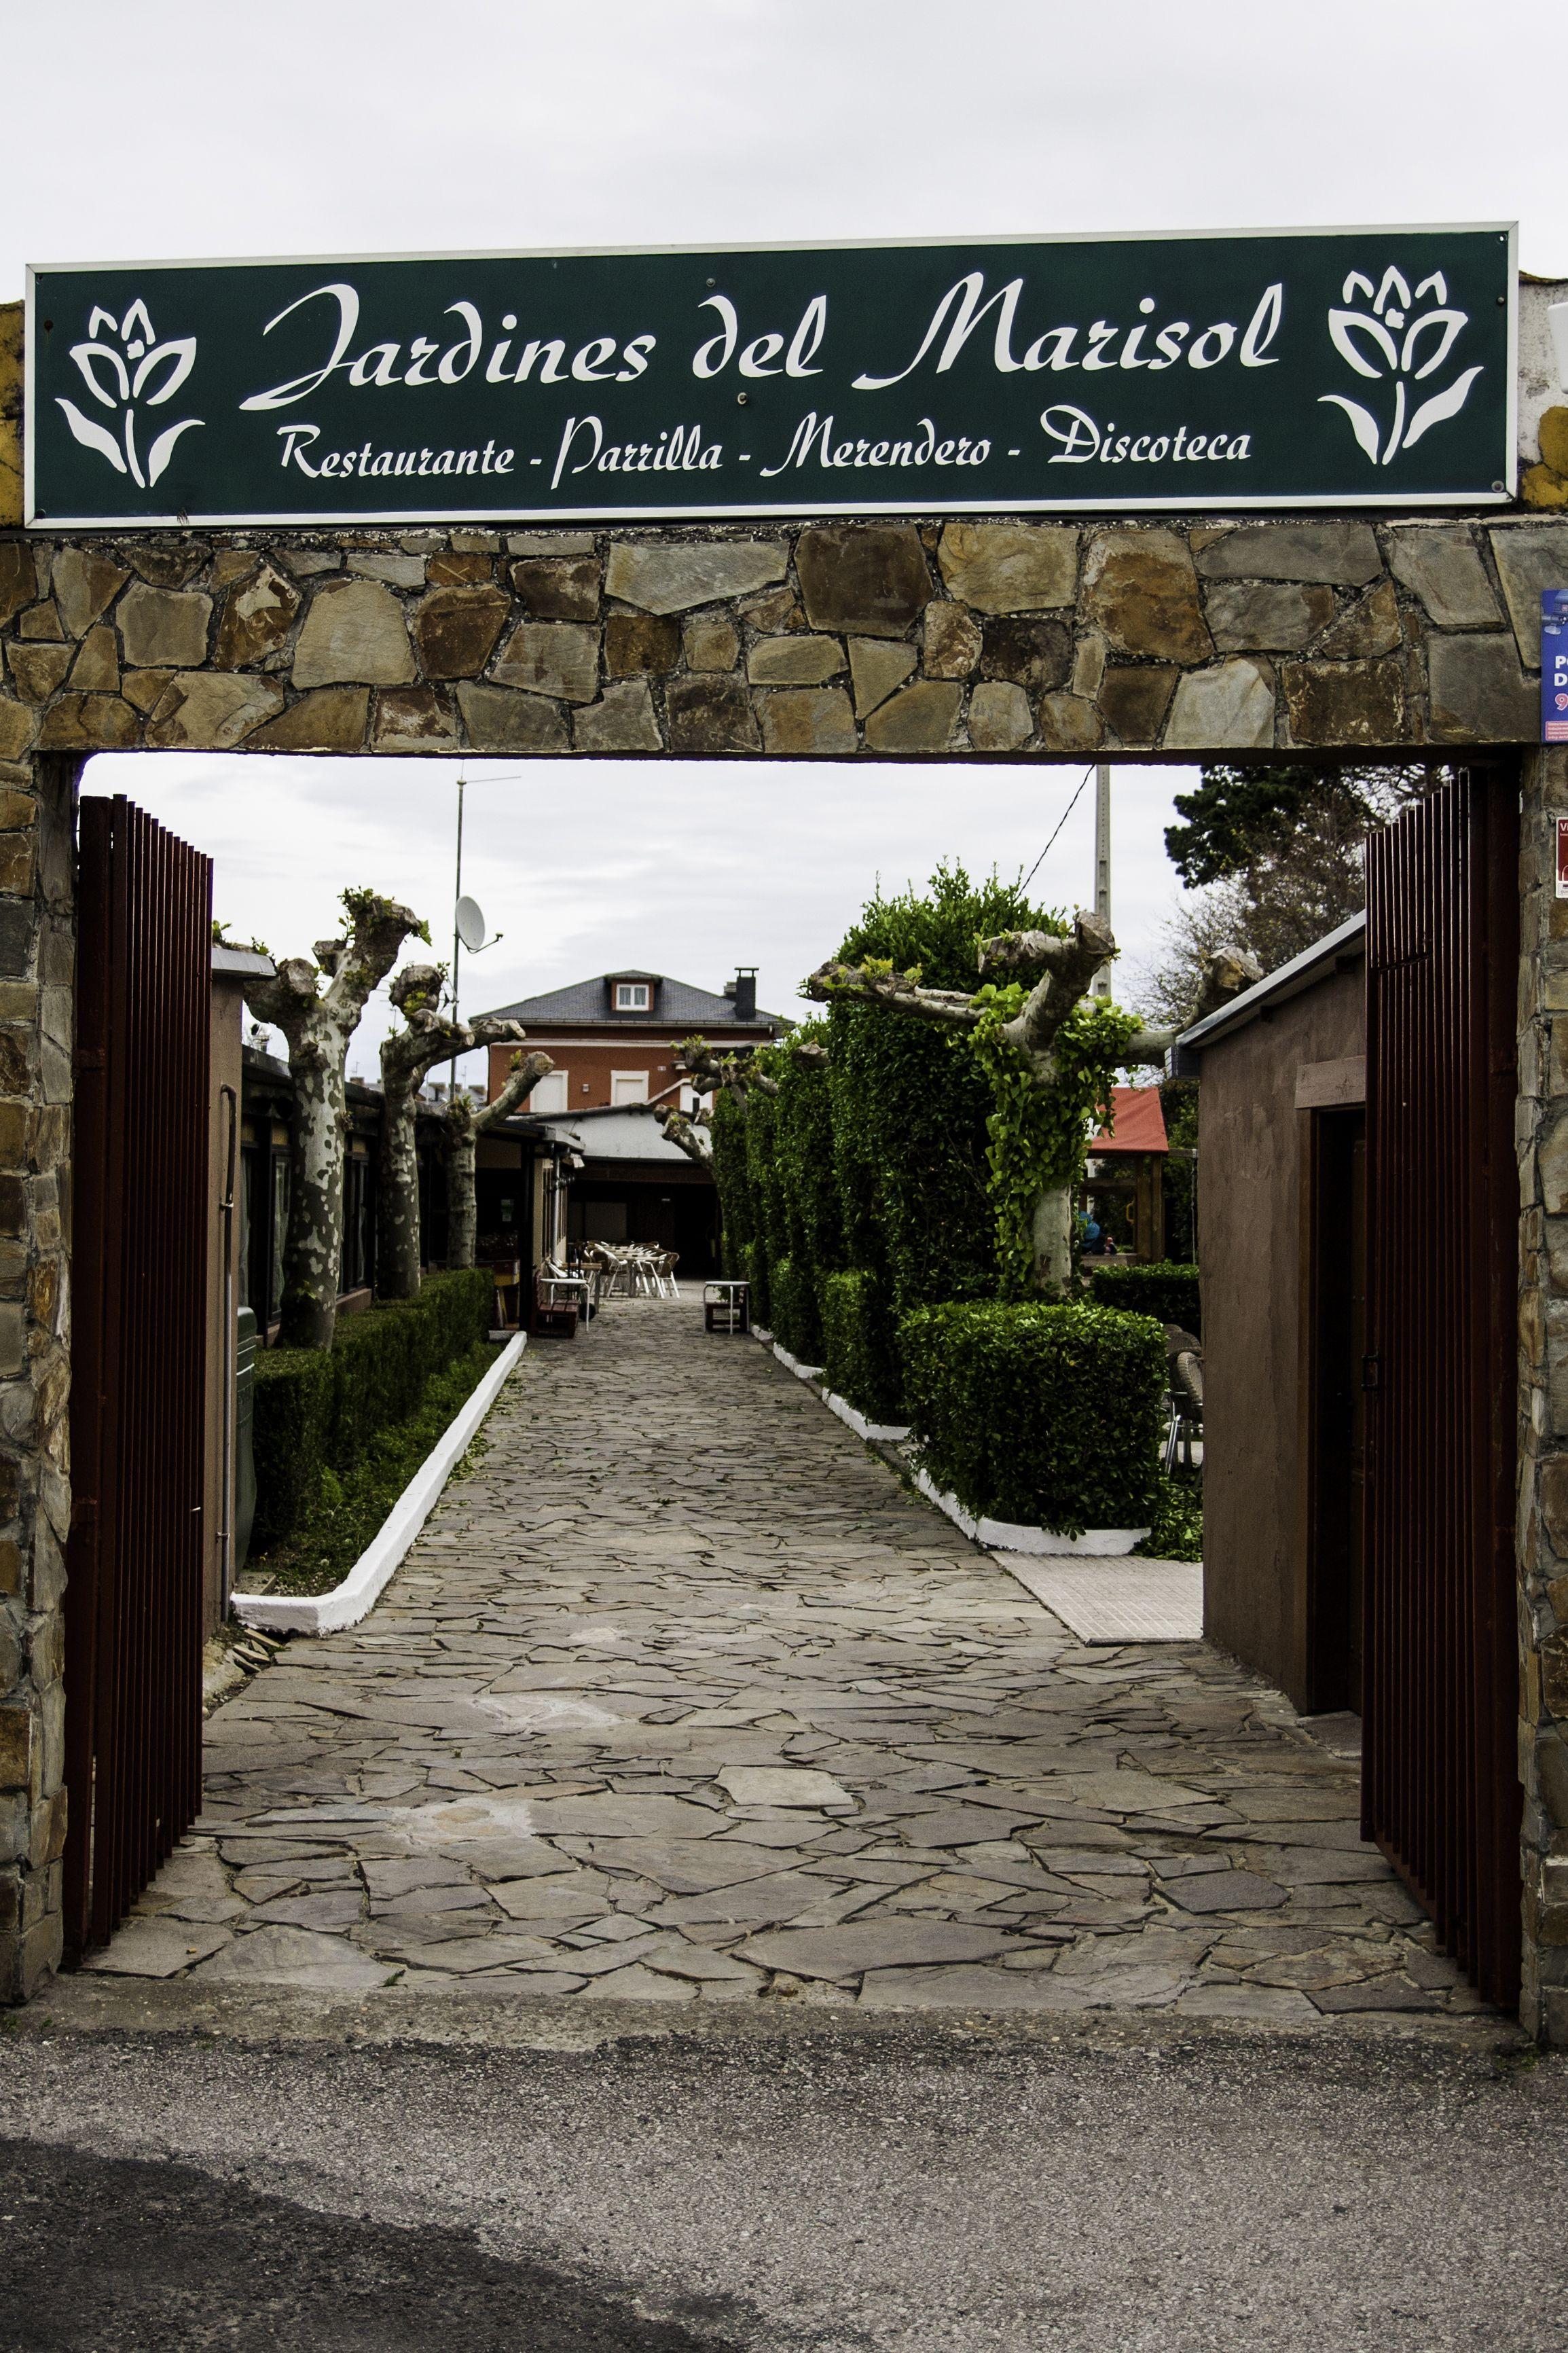 Foto 4 de Cocina asturiana en Luarca | Jardines del Marisol